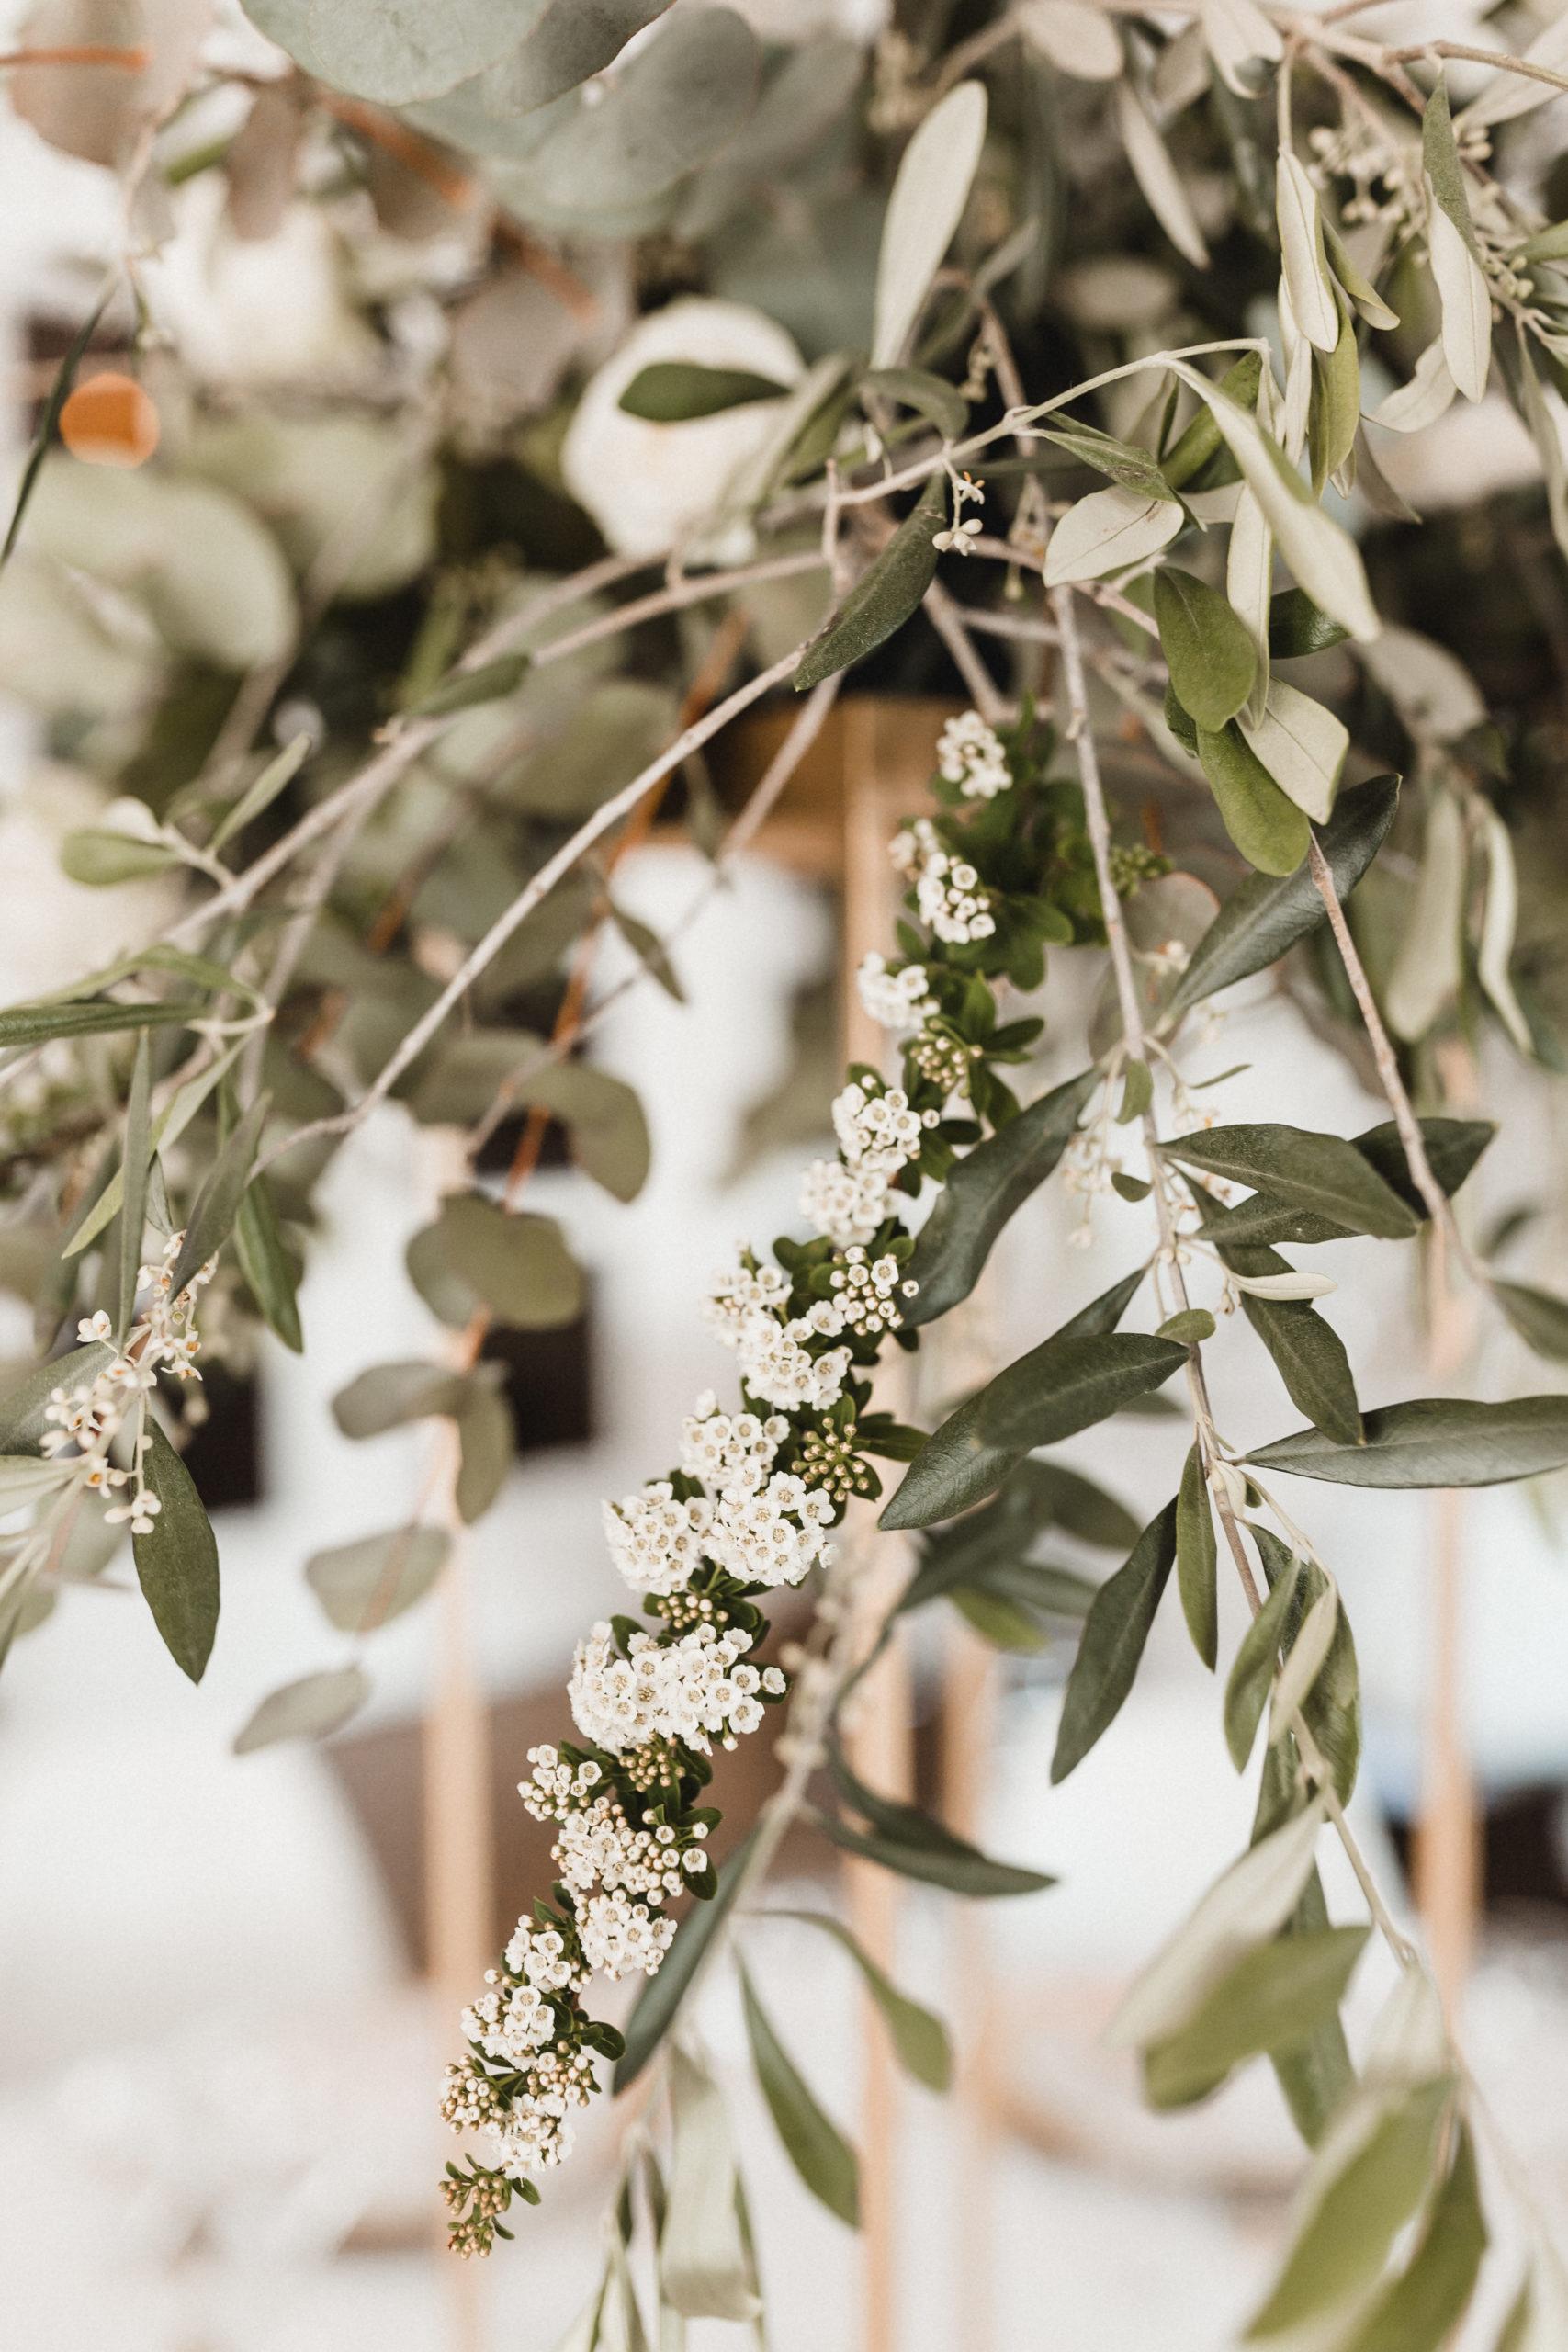 Bei unserer floralen Hochzeitsdekoration im Fokus: Olivenzweige, etwas Eucalyptus, weiße Knospen, Pfingstrosen und Königsprotea